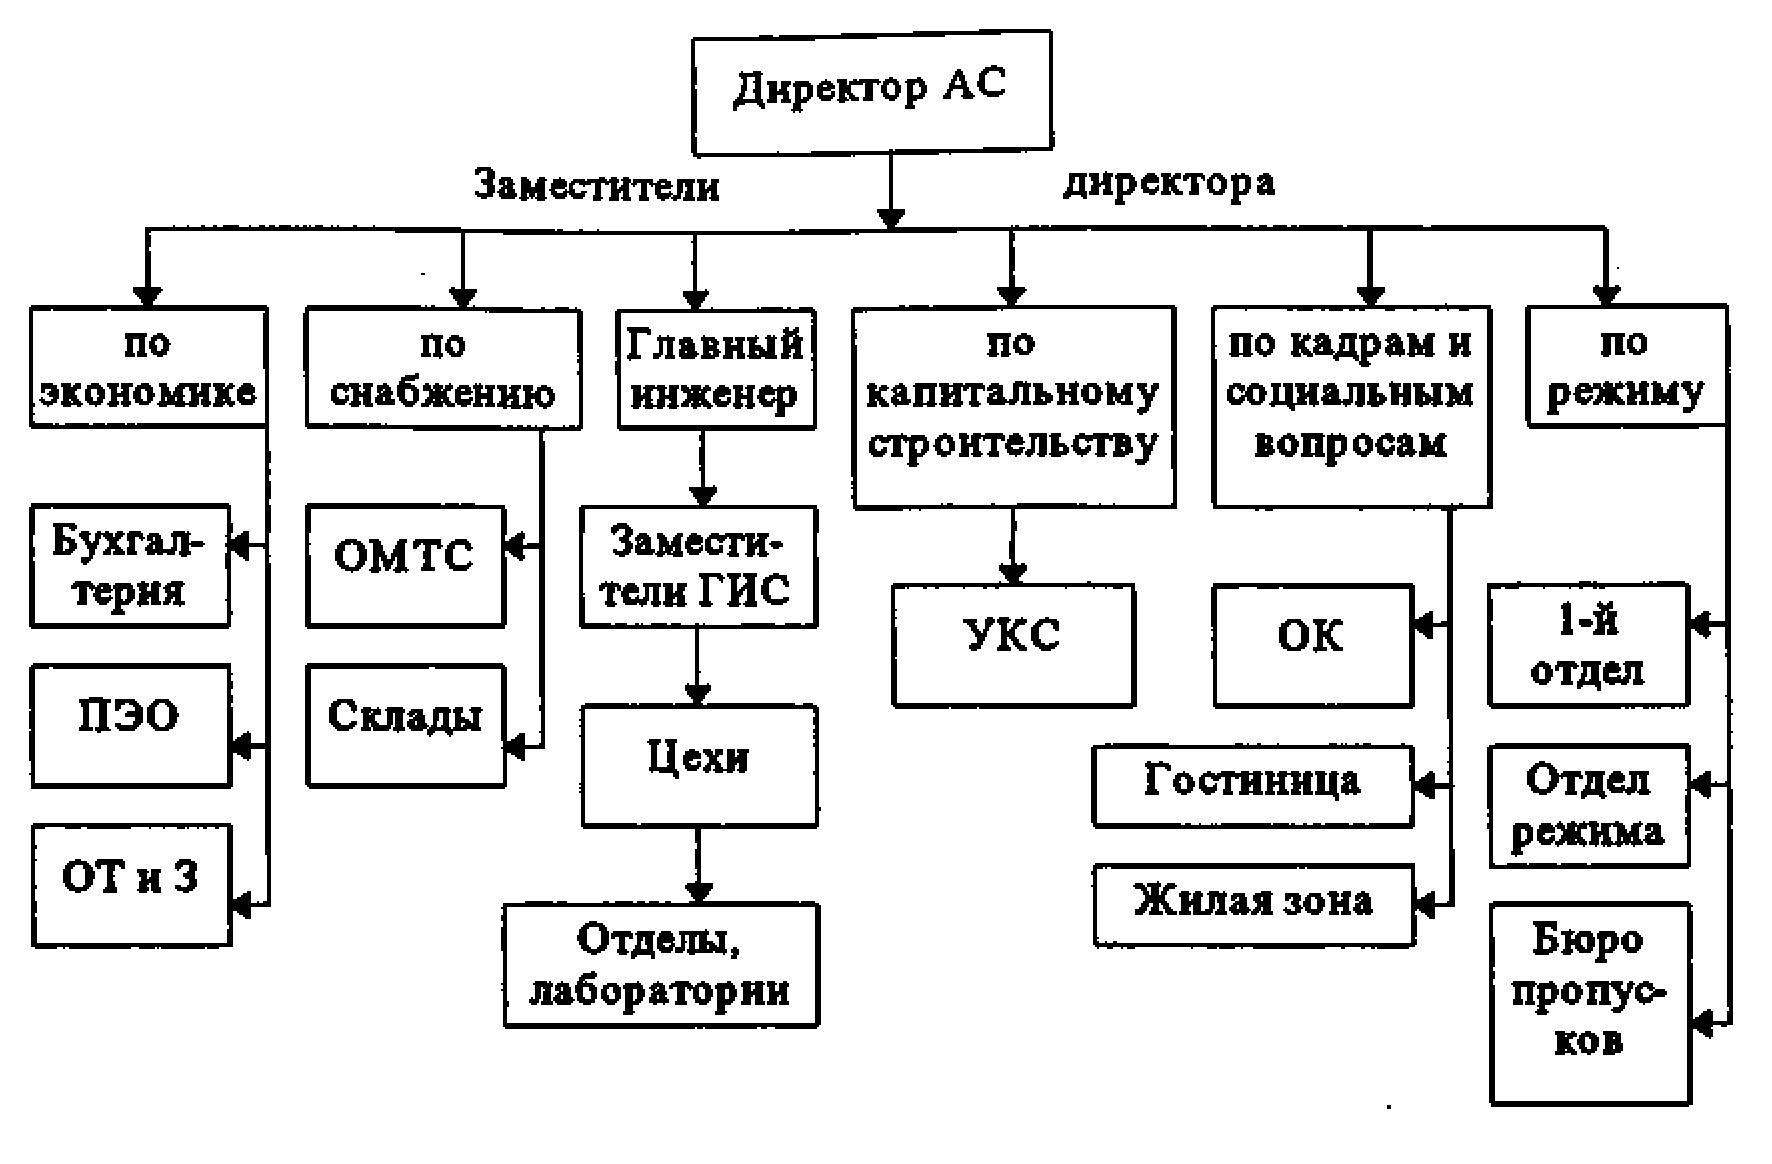 инструкция операторов котельного цеха